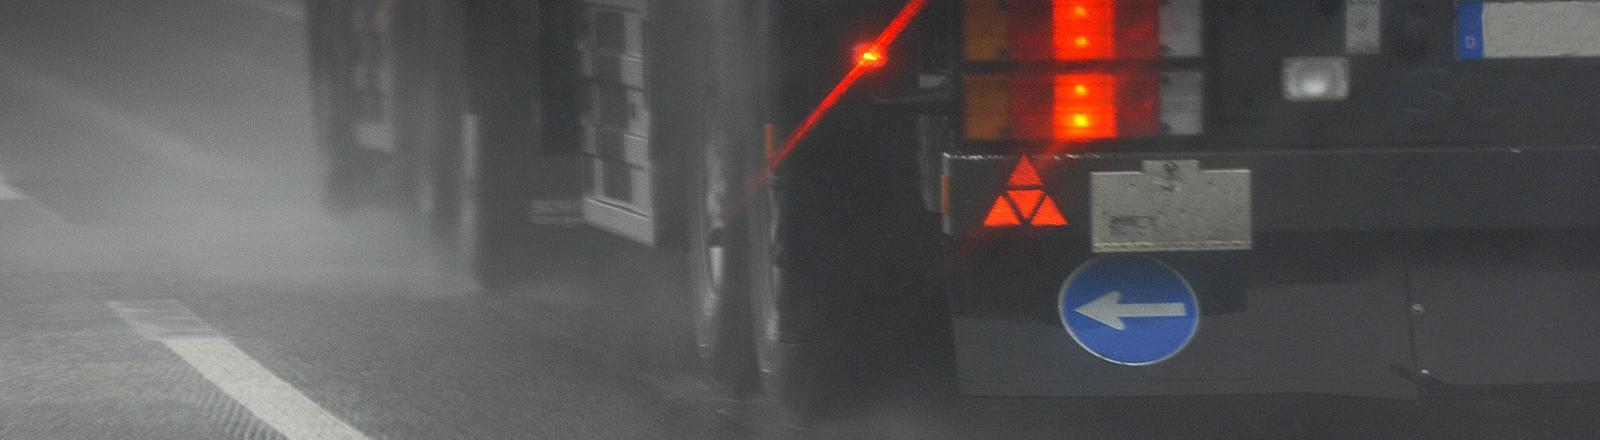 Rücklichter eines Lkw